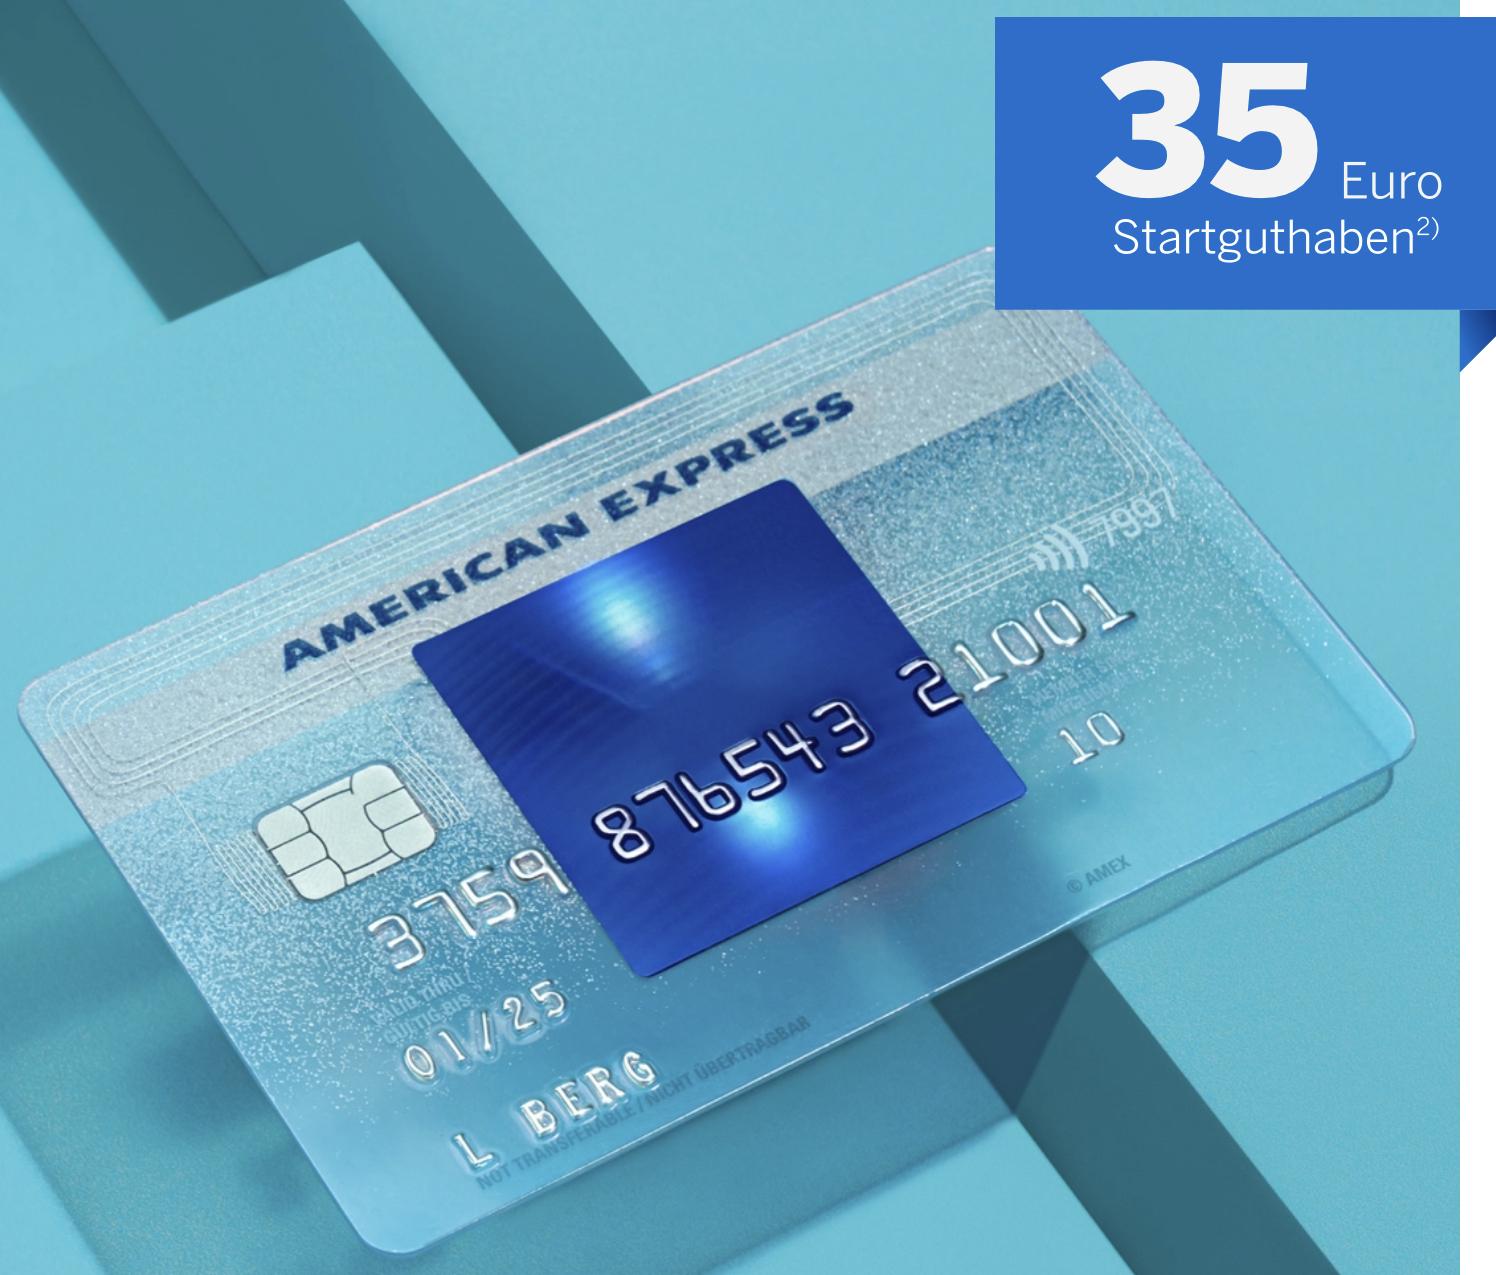 Amex Blue mit 35€ Startguthaben + bis zu 490€ Preisvorteile möglich - dauerhaft ohne Jahresgebühr!